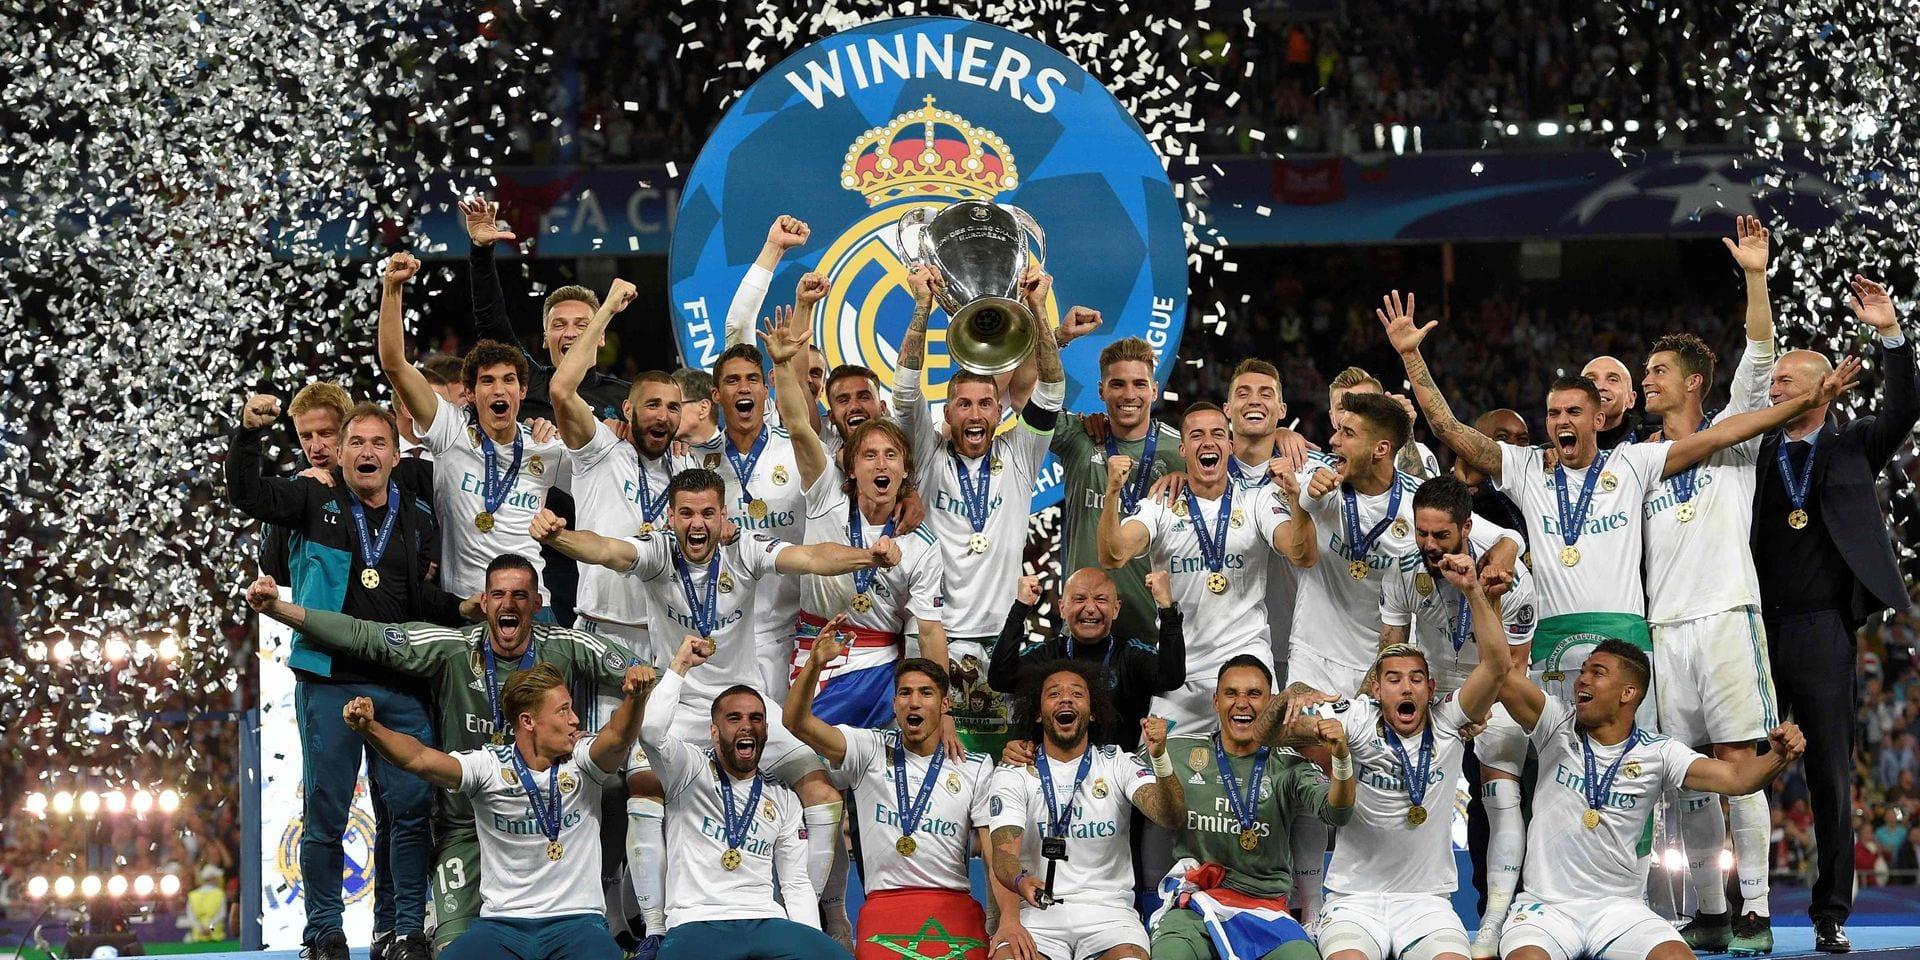 Le Real remporte sa troisième Ligue des Champions d'affilée dans une finale marquée par deux erreurs du gardien de Liverpool (3-1)